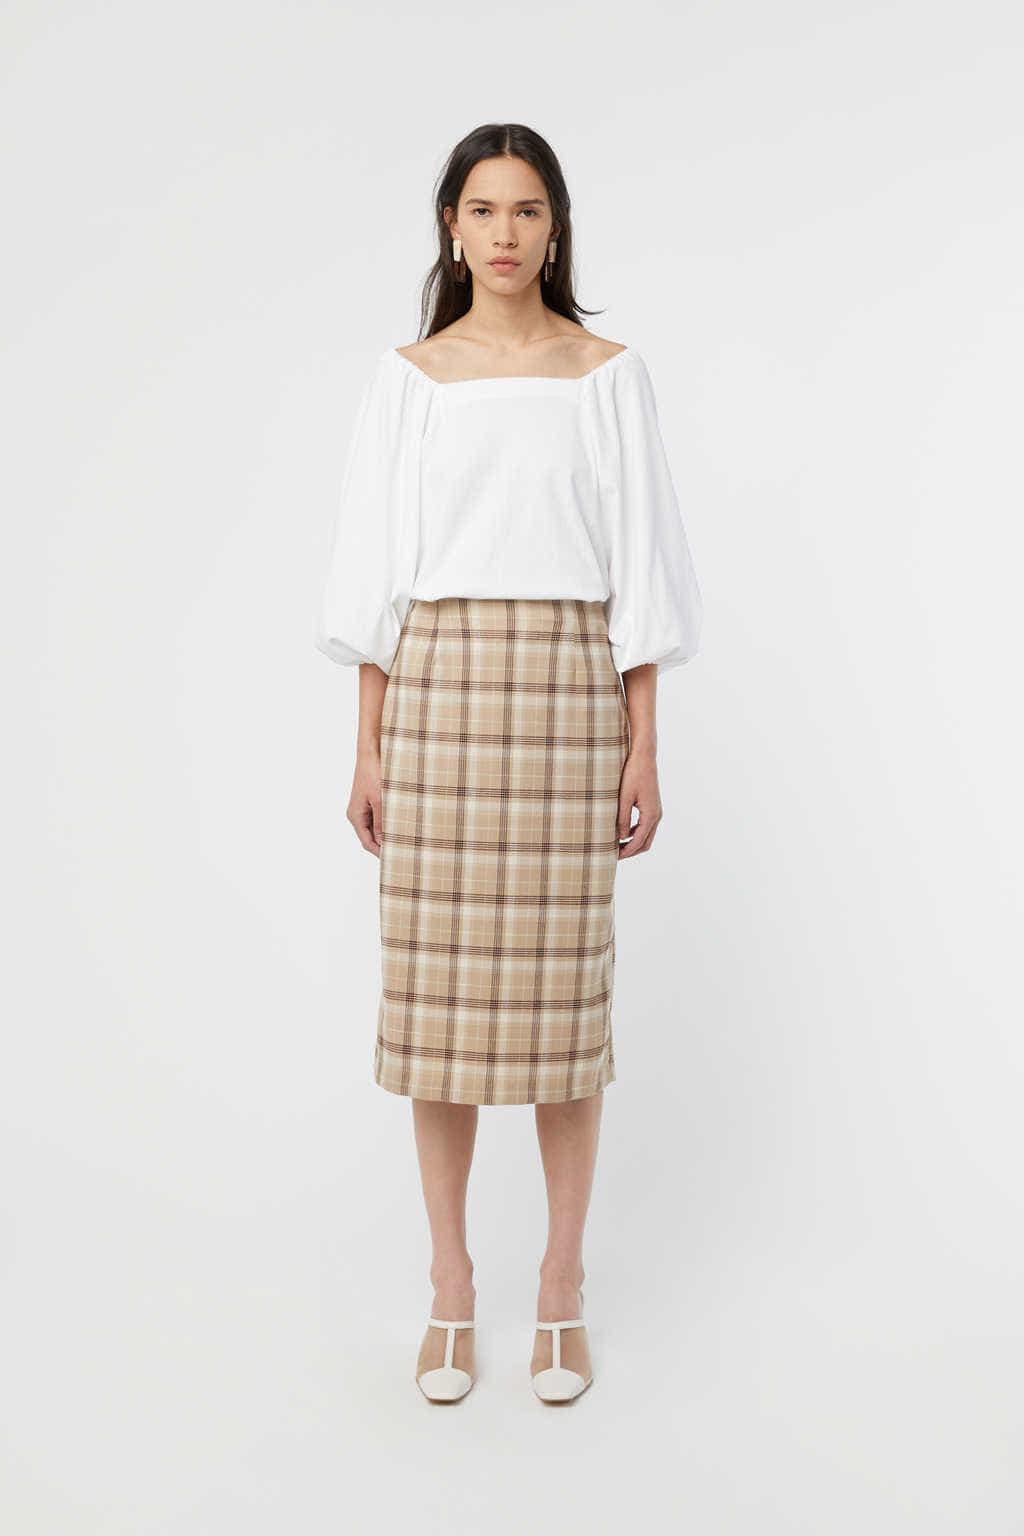 Skirt K002 Beige 3